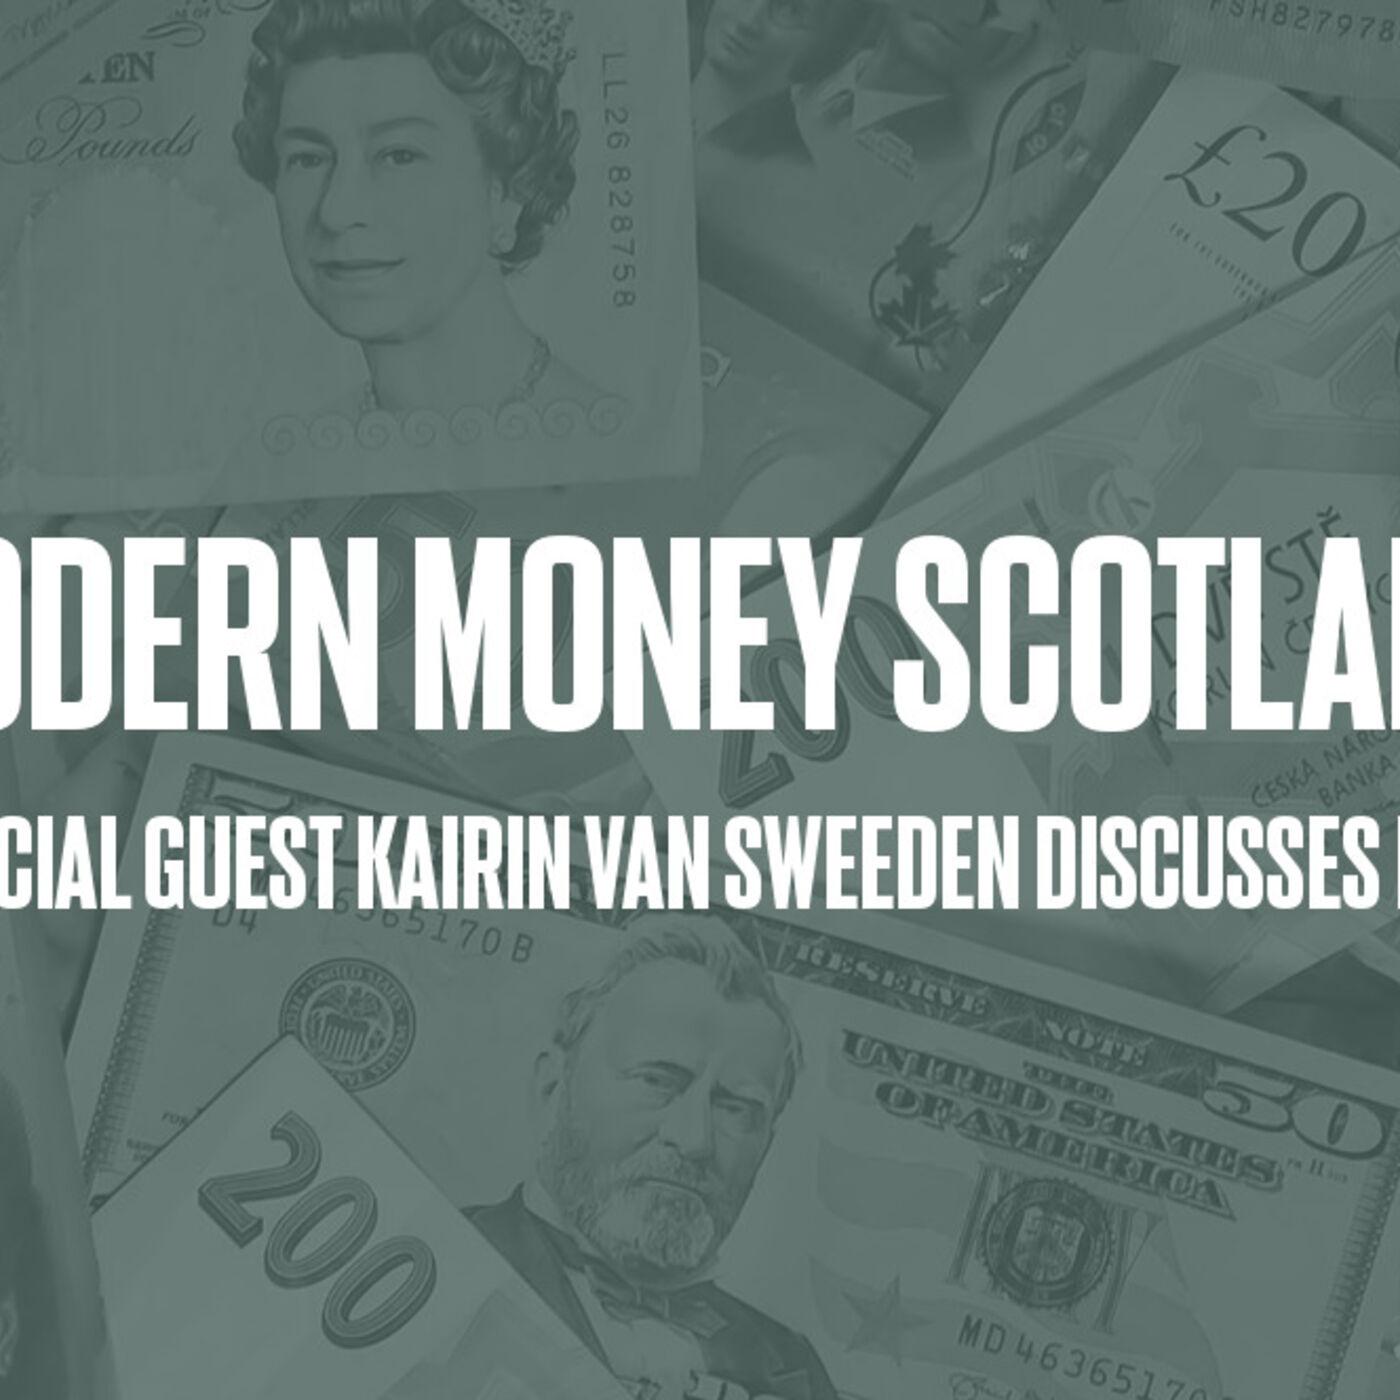 Episode #59 - Modern Money Scotland